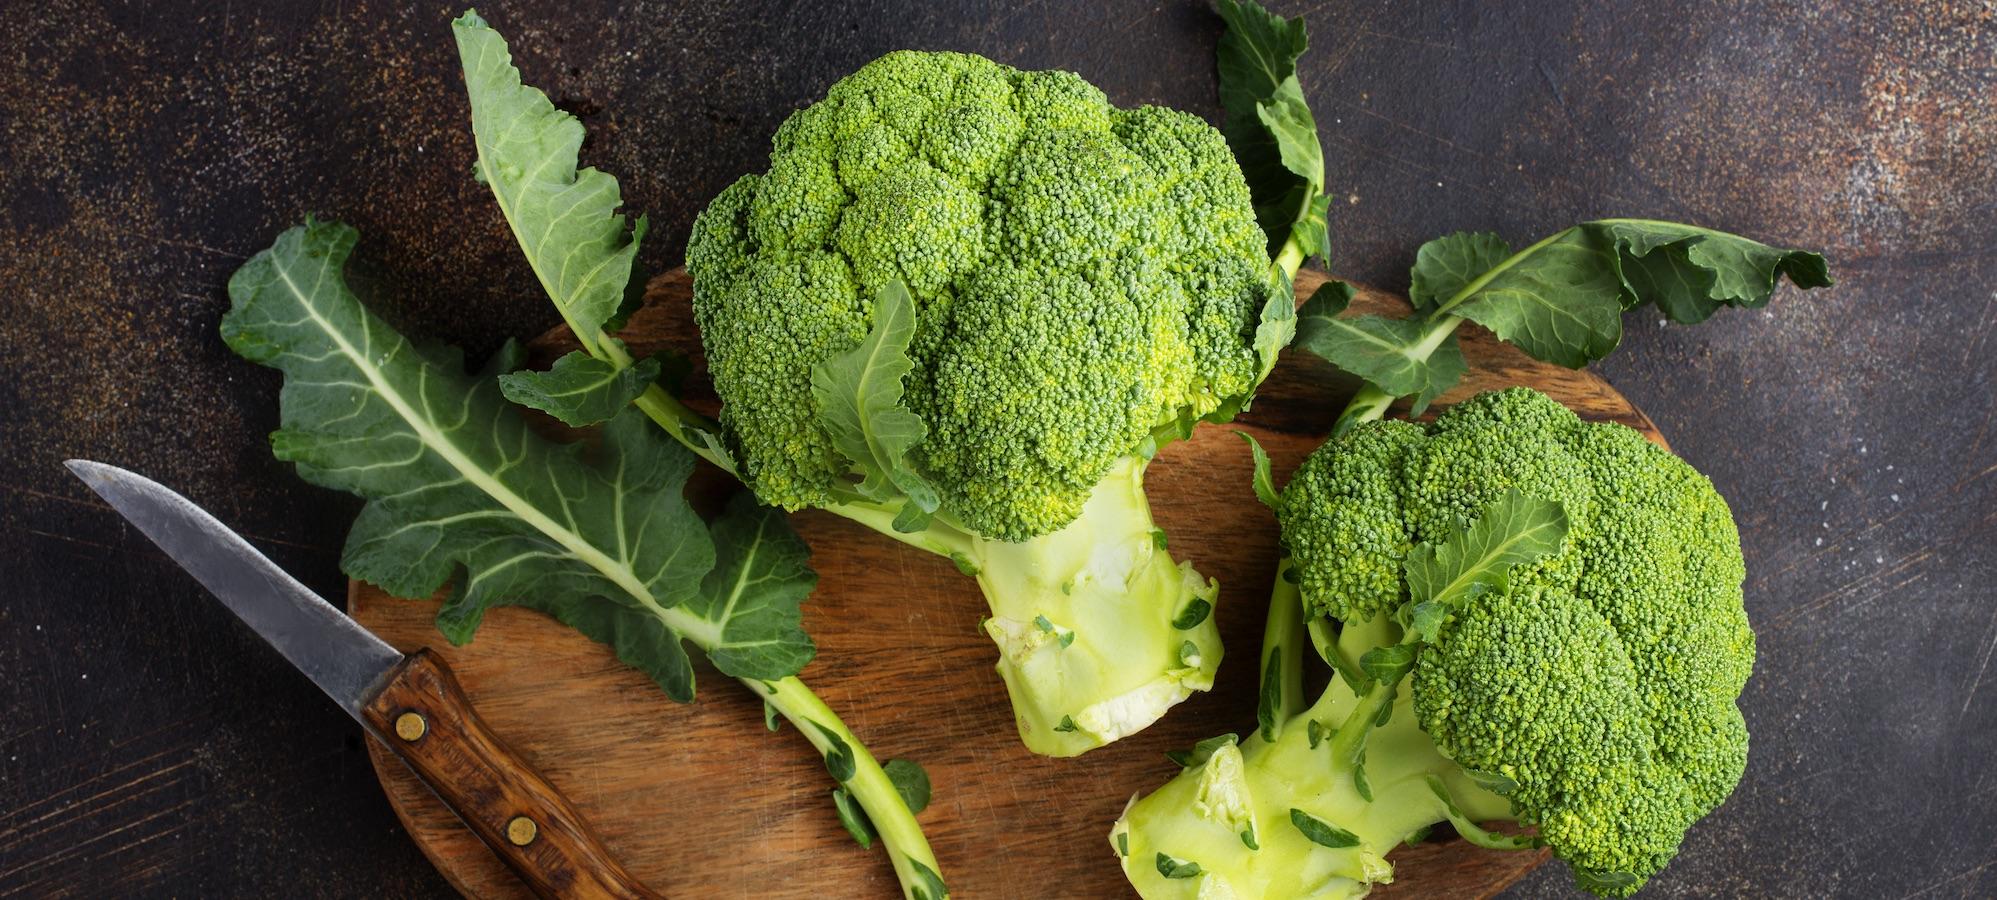 Broccoli innehåller viktiga kostfibrer